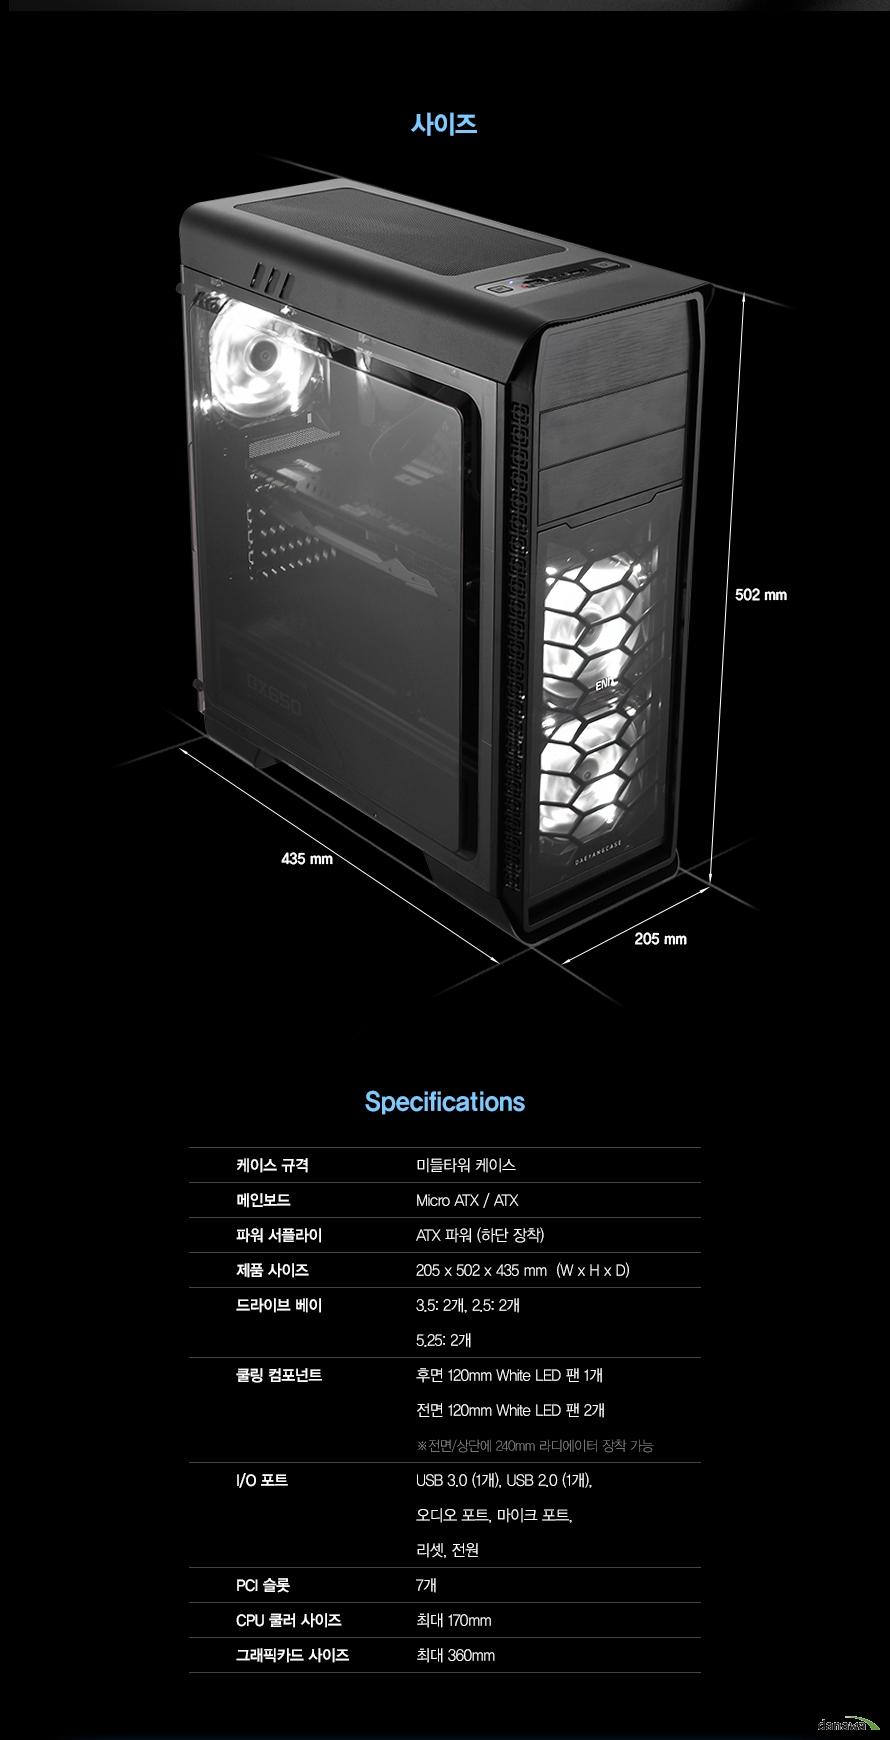 상세사양케이스 규격미들타워 케이스메인보드Micro ATX / ATX파워 서플라이ATX 파워 (하단 장착)제품 사이즈205 x 502 x 435 mm  (W x H x D)드라이브 베이3.5: 2개 / 2.5: 2개 / 5.25 2개쿨링 컴포넌트전면 120mm White LED 쿨링팬 2개후면 120mm White LED 쿨링팬 1개I/O 포트USB 3.0 (1개), USB 2.0 (1개), 오디오 포트, 마이크 포트,전원 버튼PCI 슬롯7개CPU 쿨러 사이즈 최대 170mm 그래픽카드 사이즈 최대 360mm